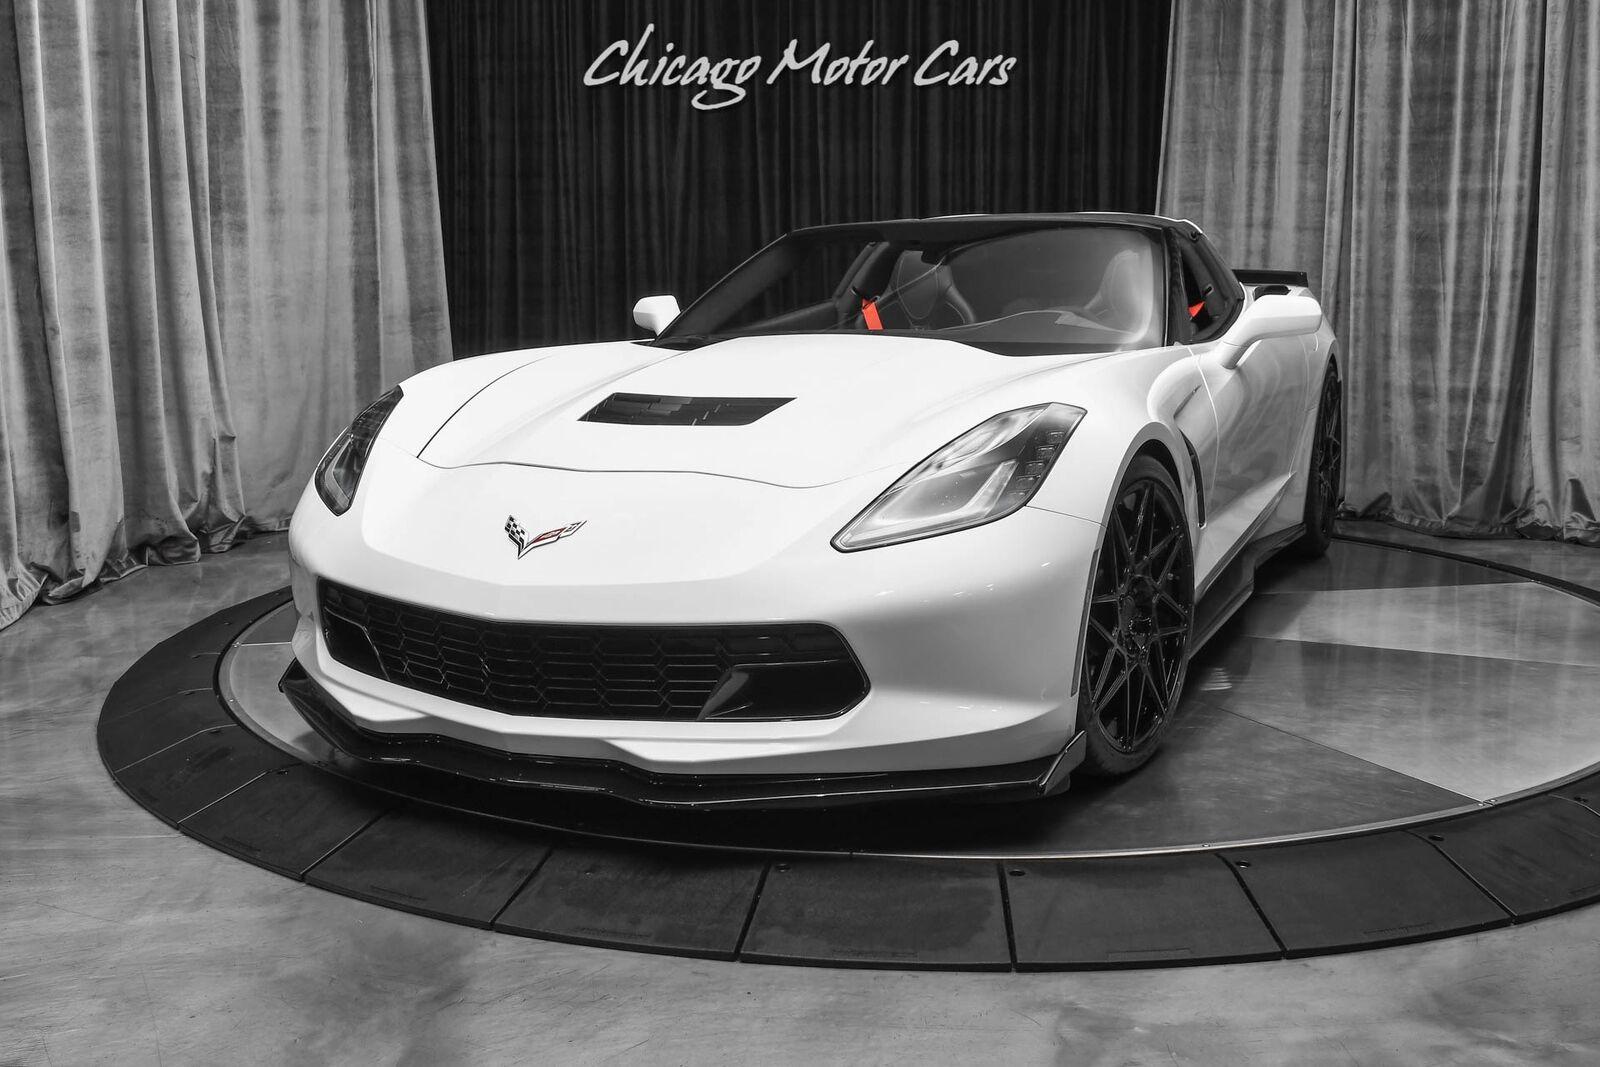 2016 White Chevrolet Corvette Stingray    C7 Corvette Photo 2